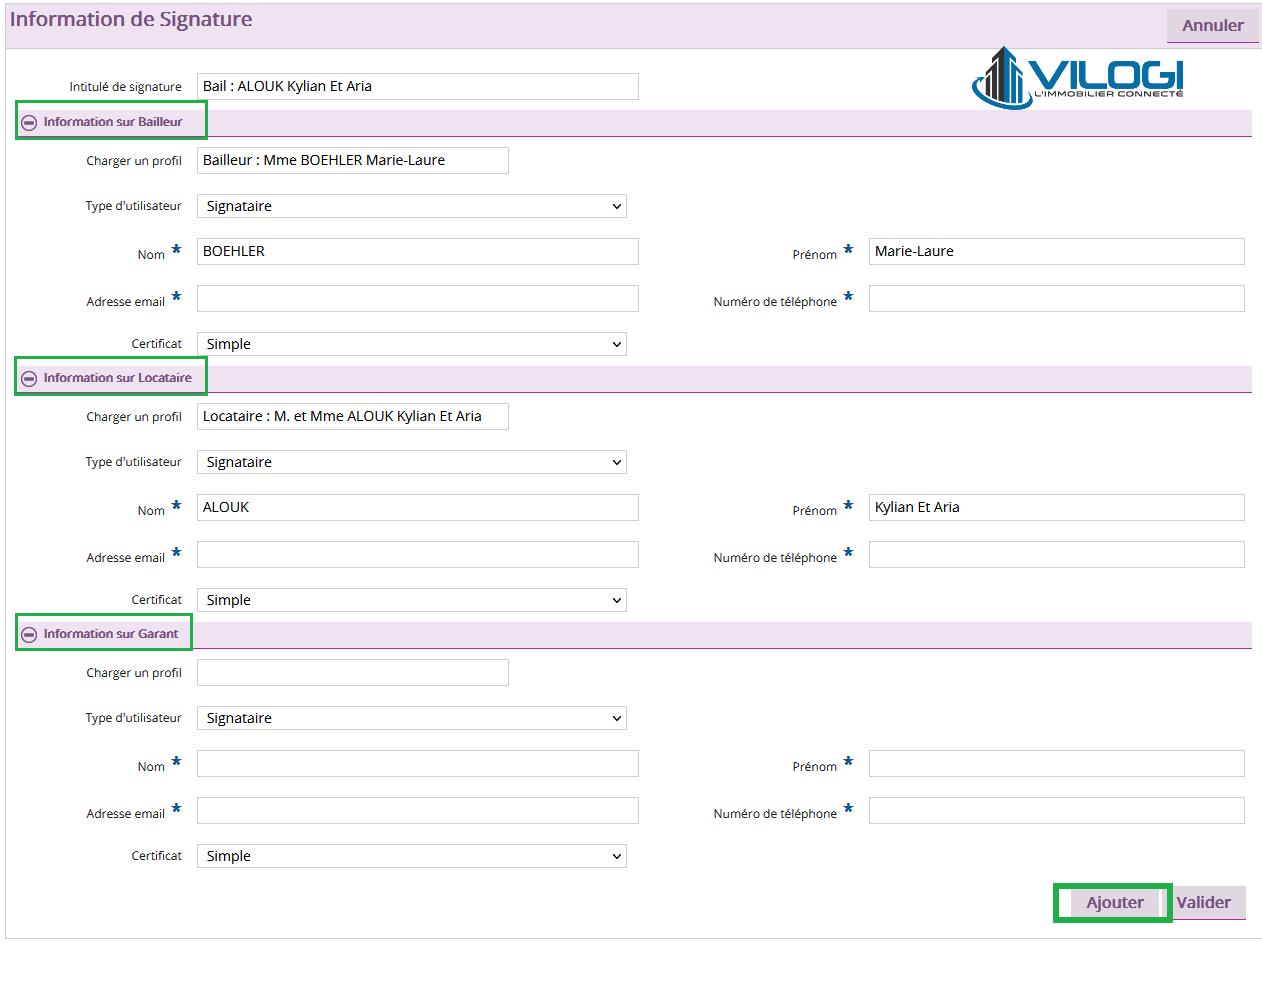 saisir les données de vos signataires sur votre logiciel de gestion locative full web